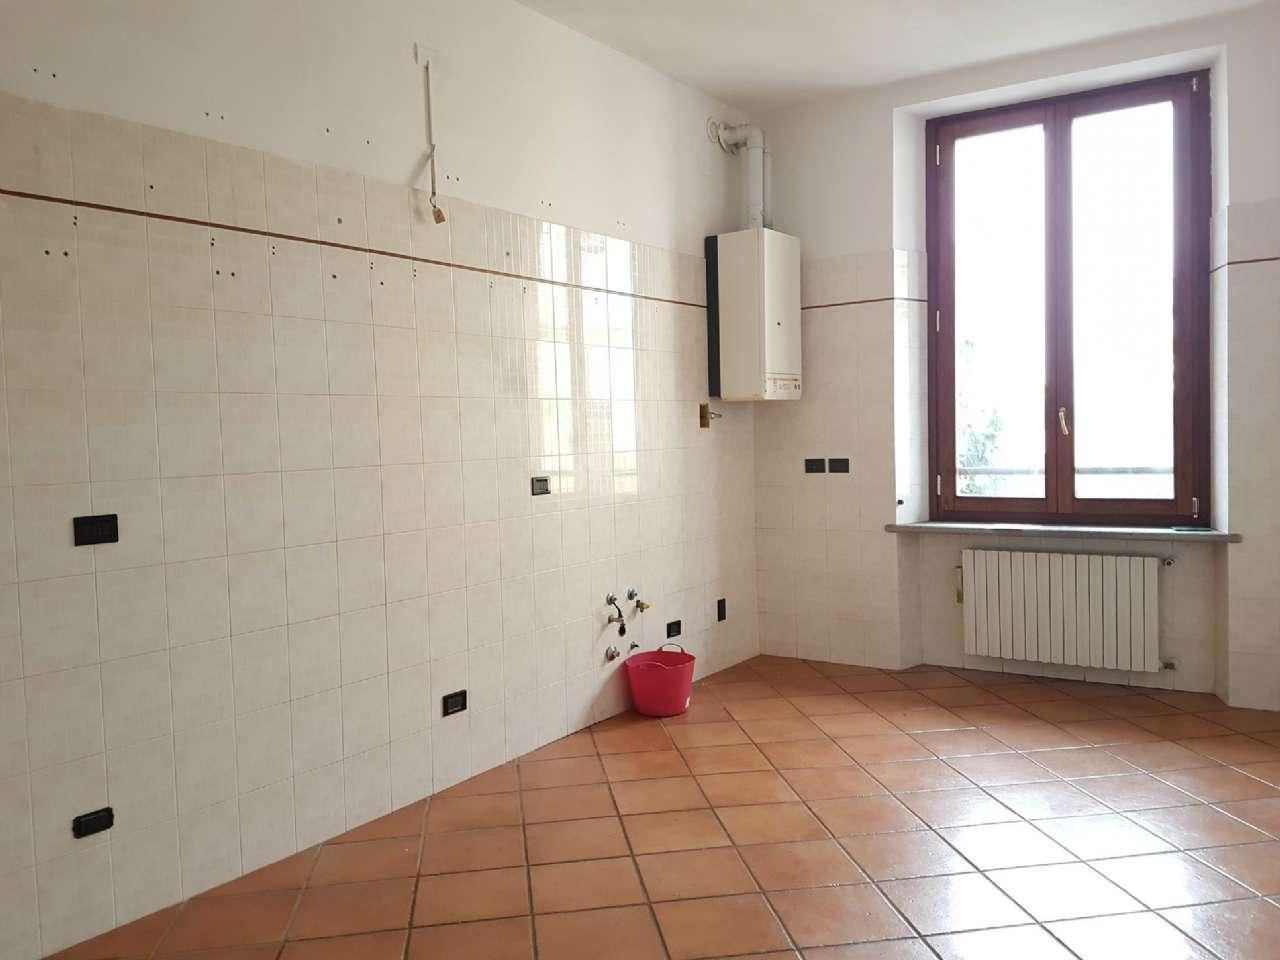 Appartamento in affitto a Tradate, 3 locali, prezzo € 500 | CambioCasa.it